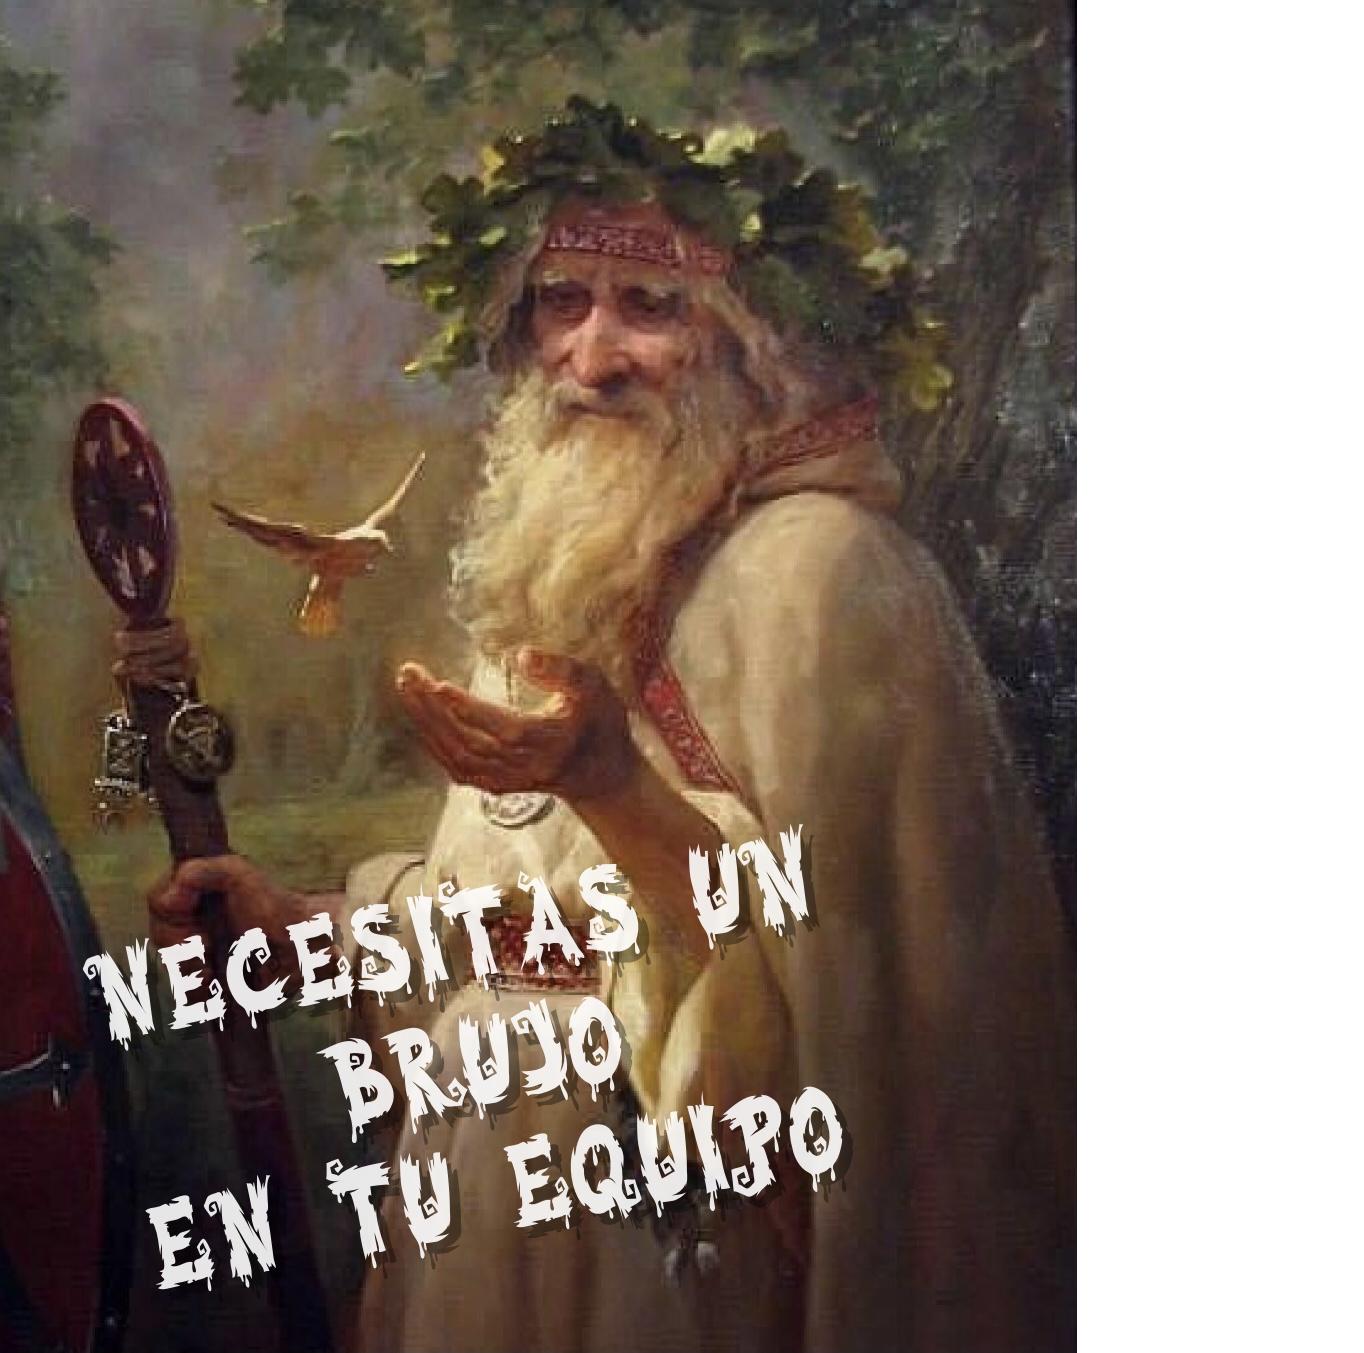 Fondo de Armario. Necesitas un Brujo en tu Equipo. Por Carlos Ruf Osola.